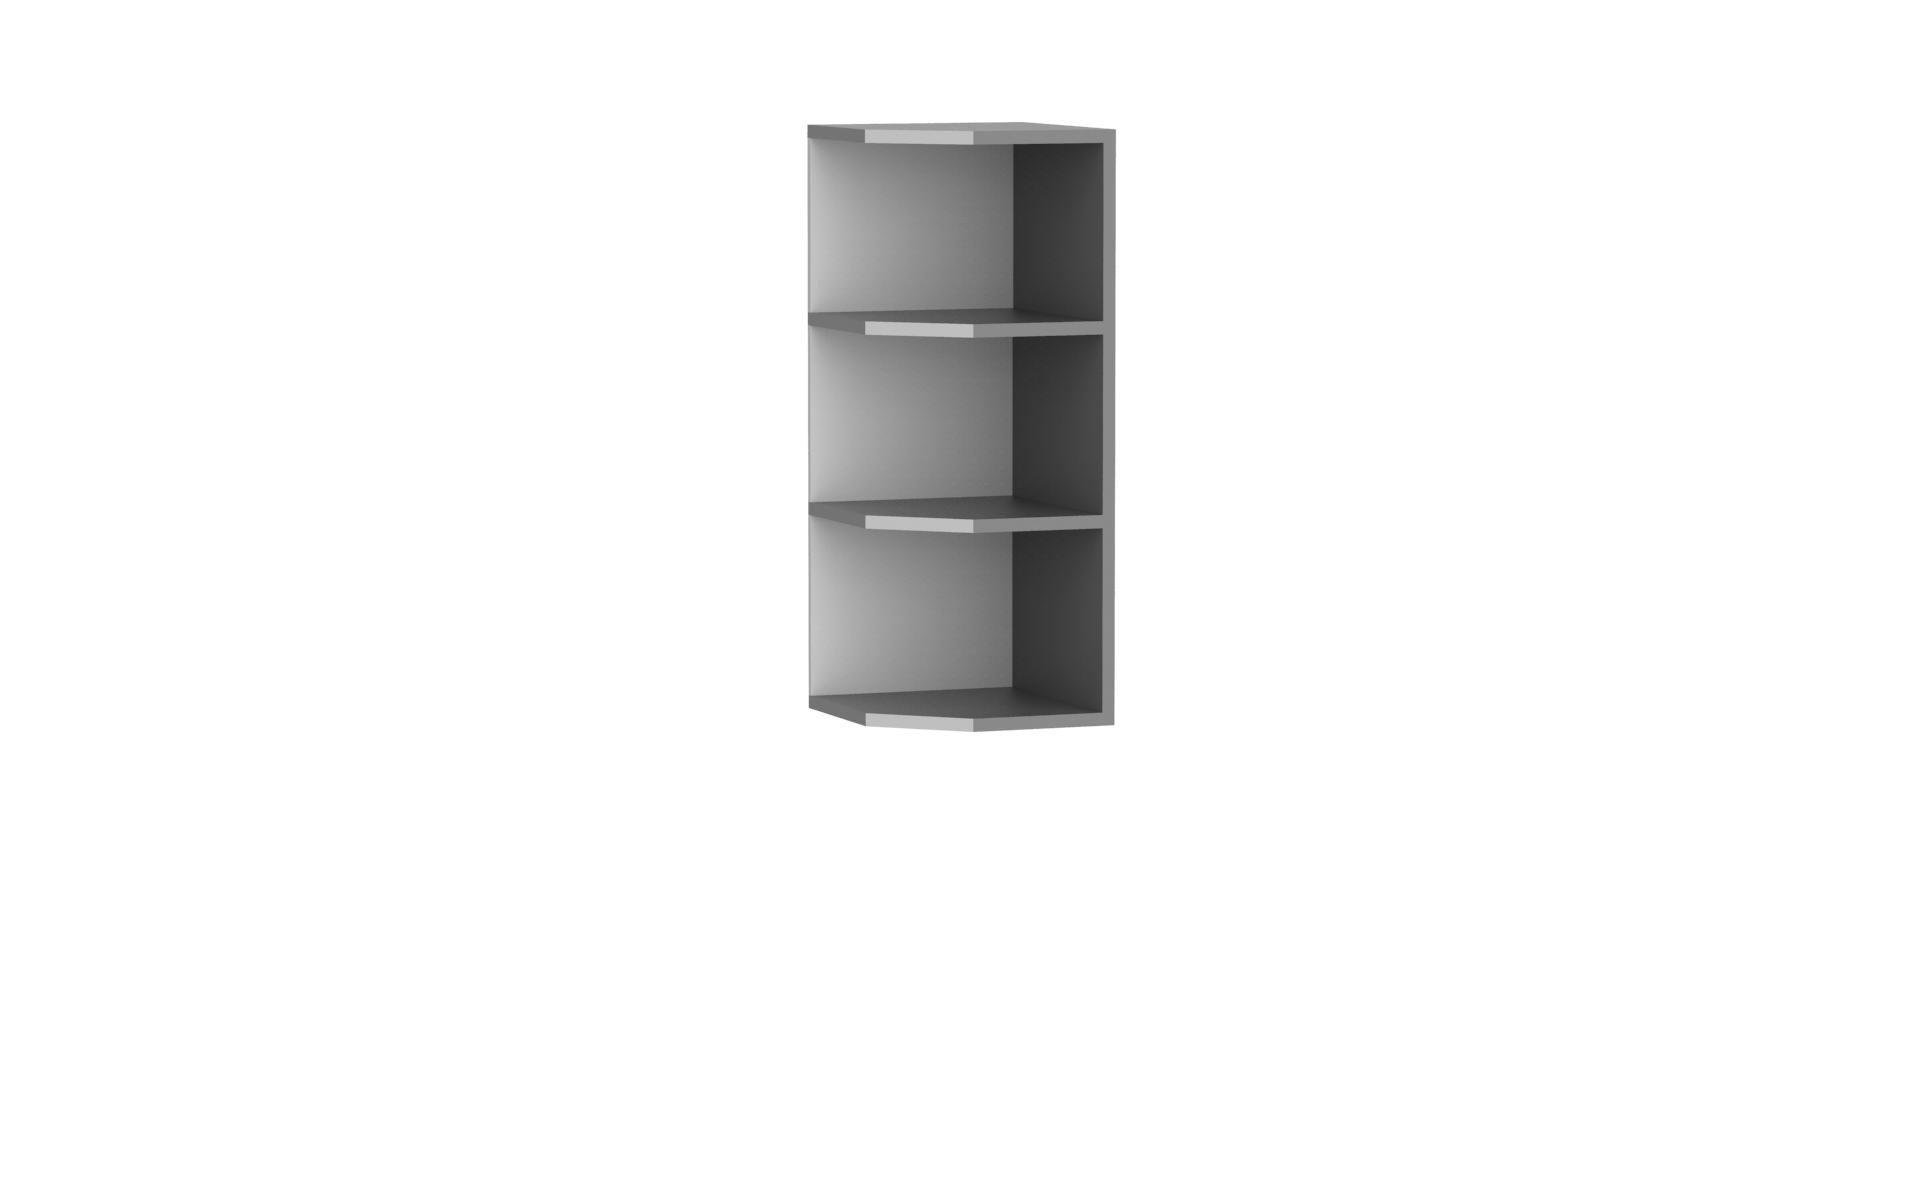 Oberer Abschlussschrank 30 cm / 72 cm Paula Weiss